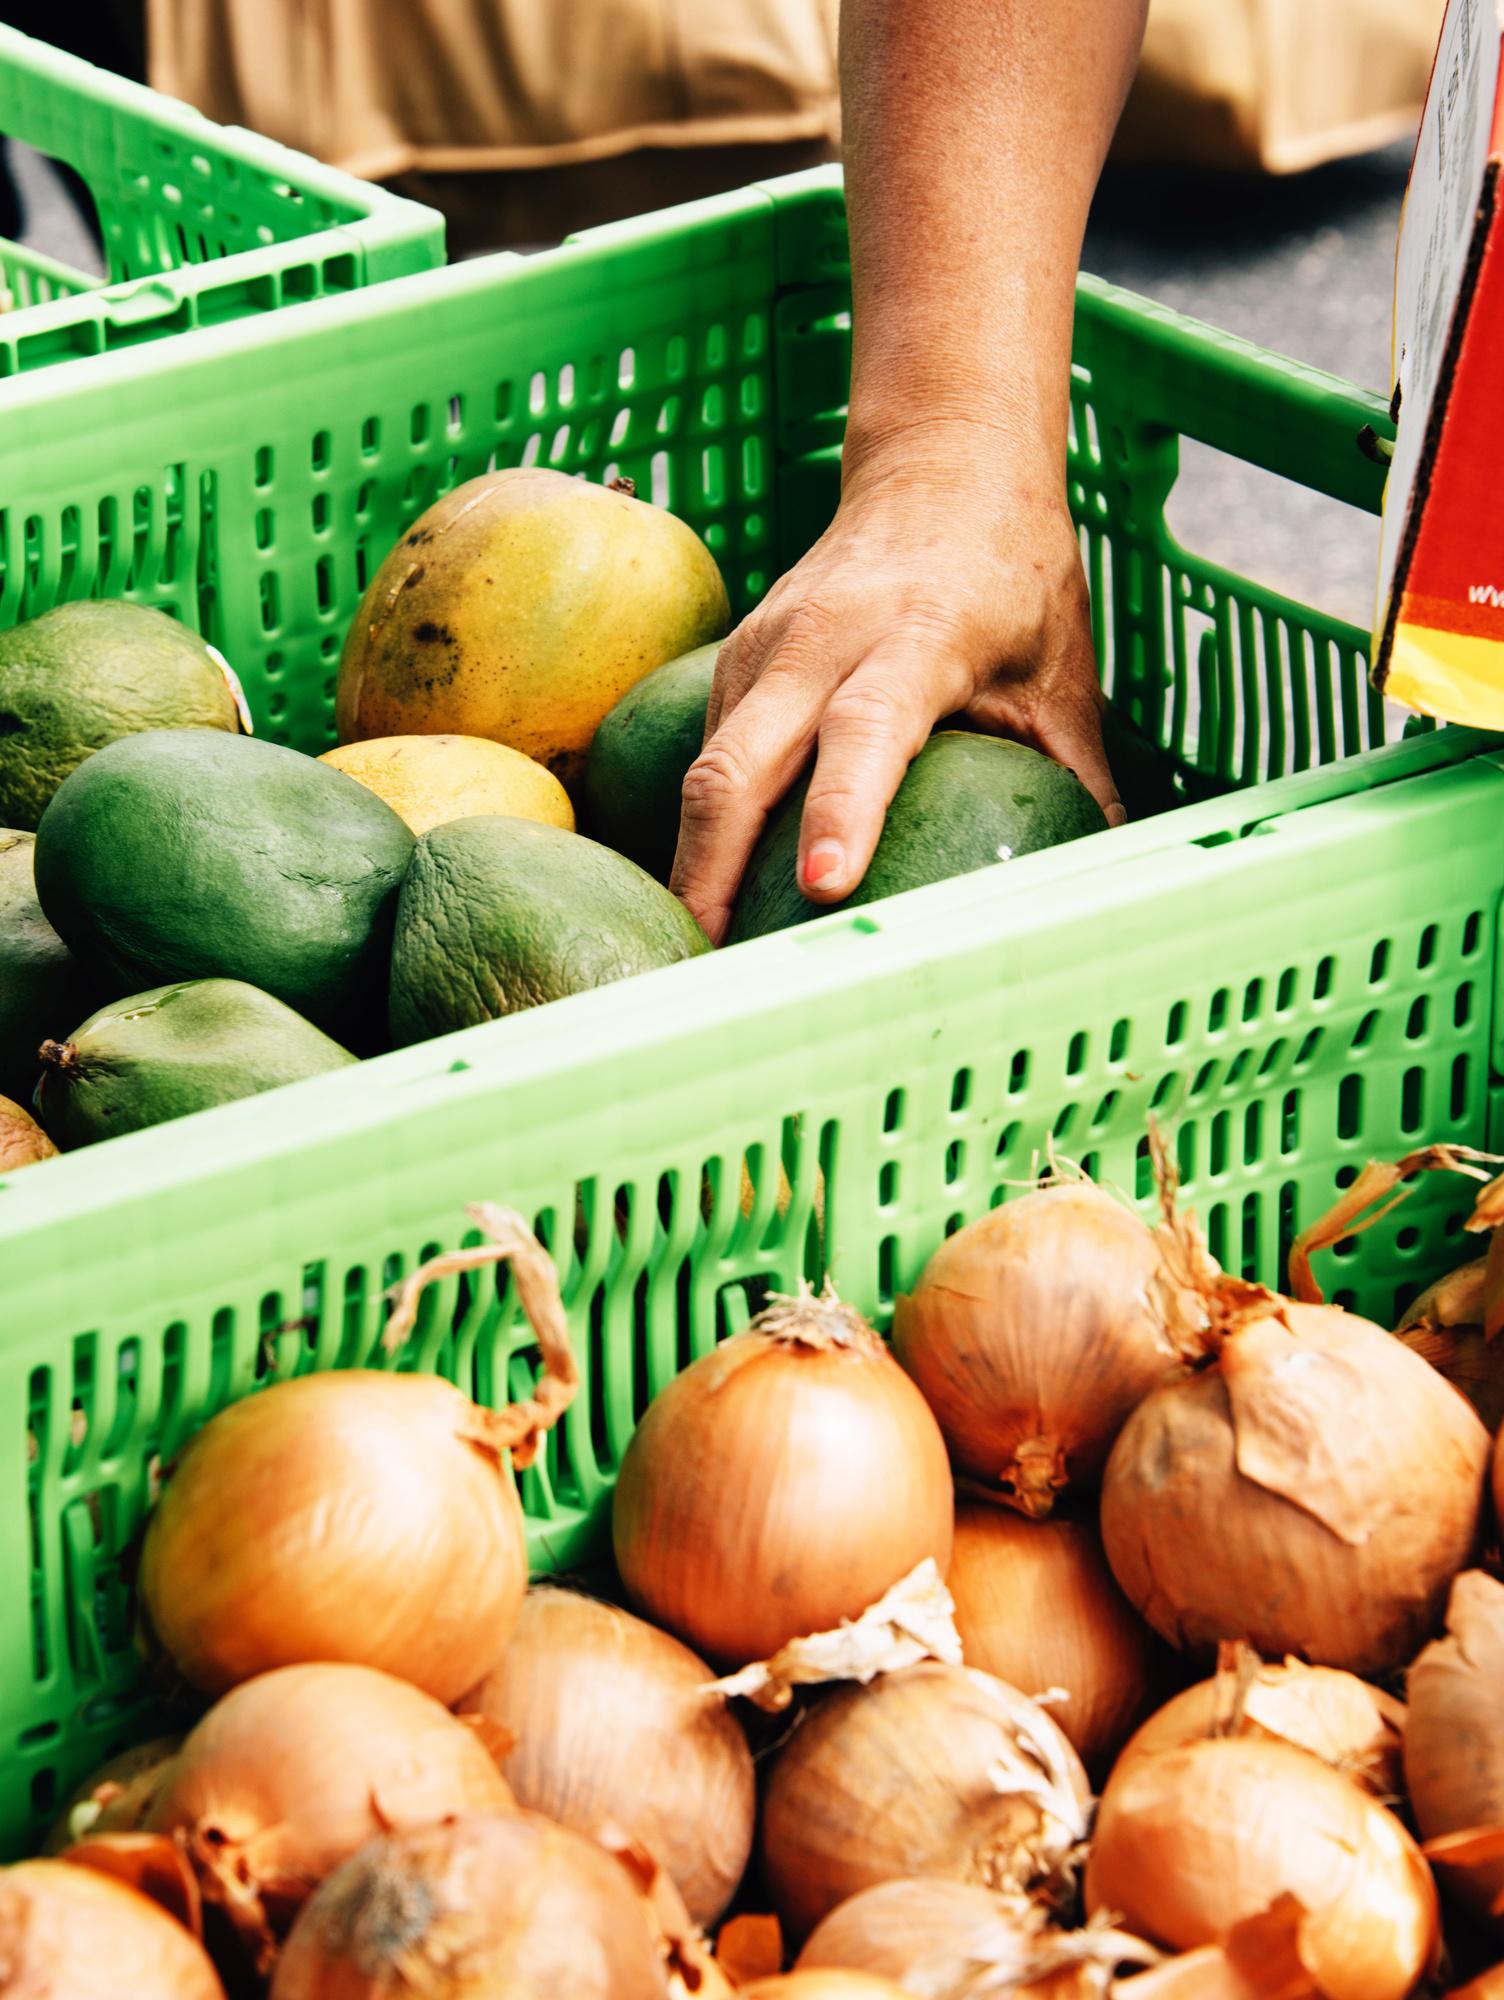 FoodForward_RebeccaPeloquin_045.JPG